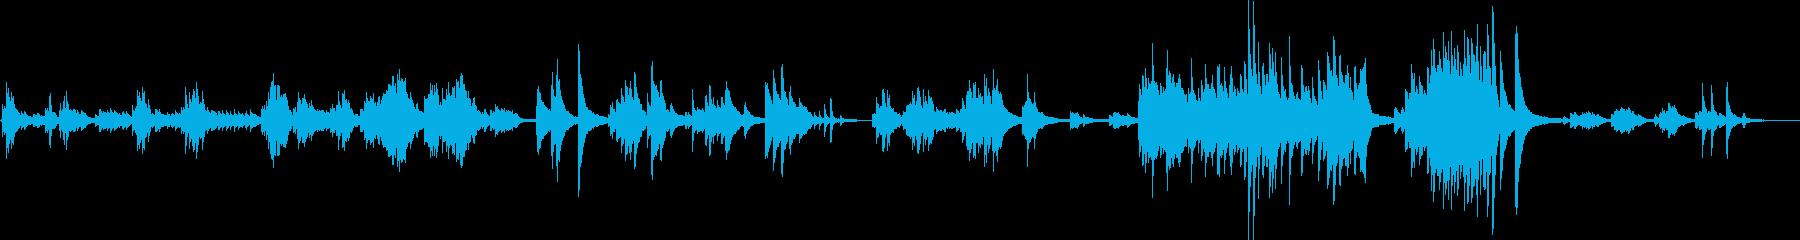 悲しいピアノバラード(切ない・儚い)の再生済みの波形